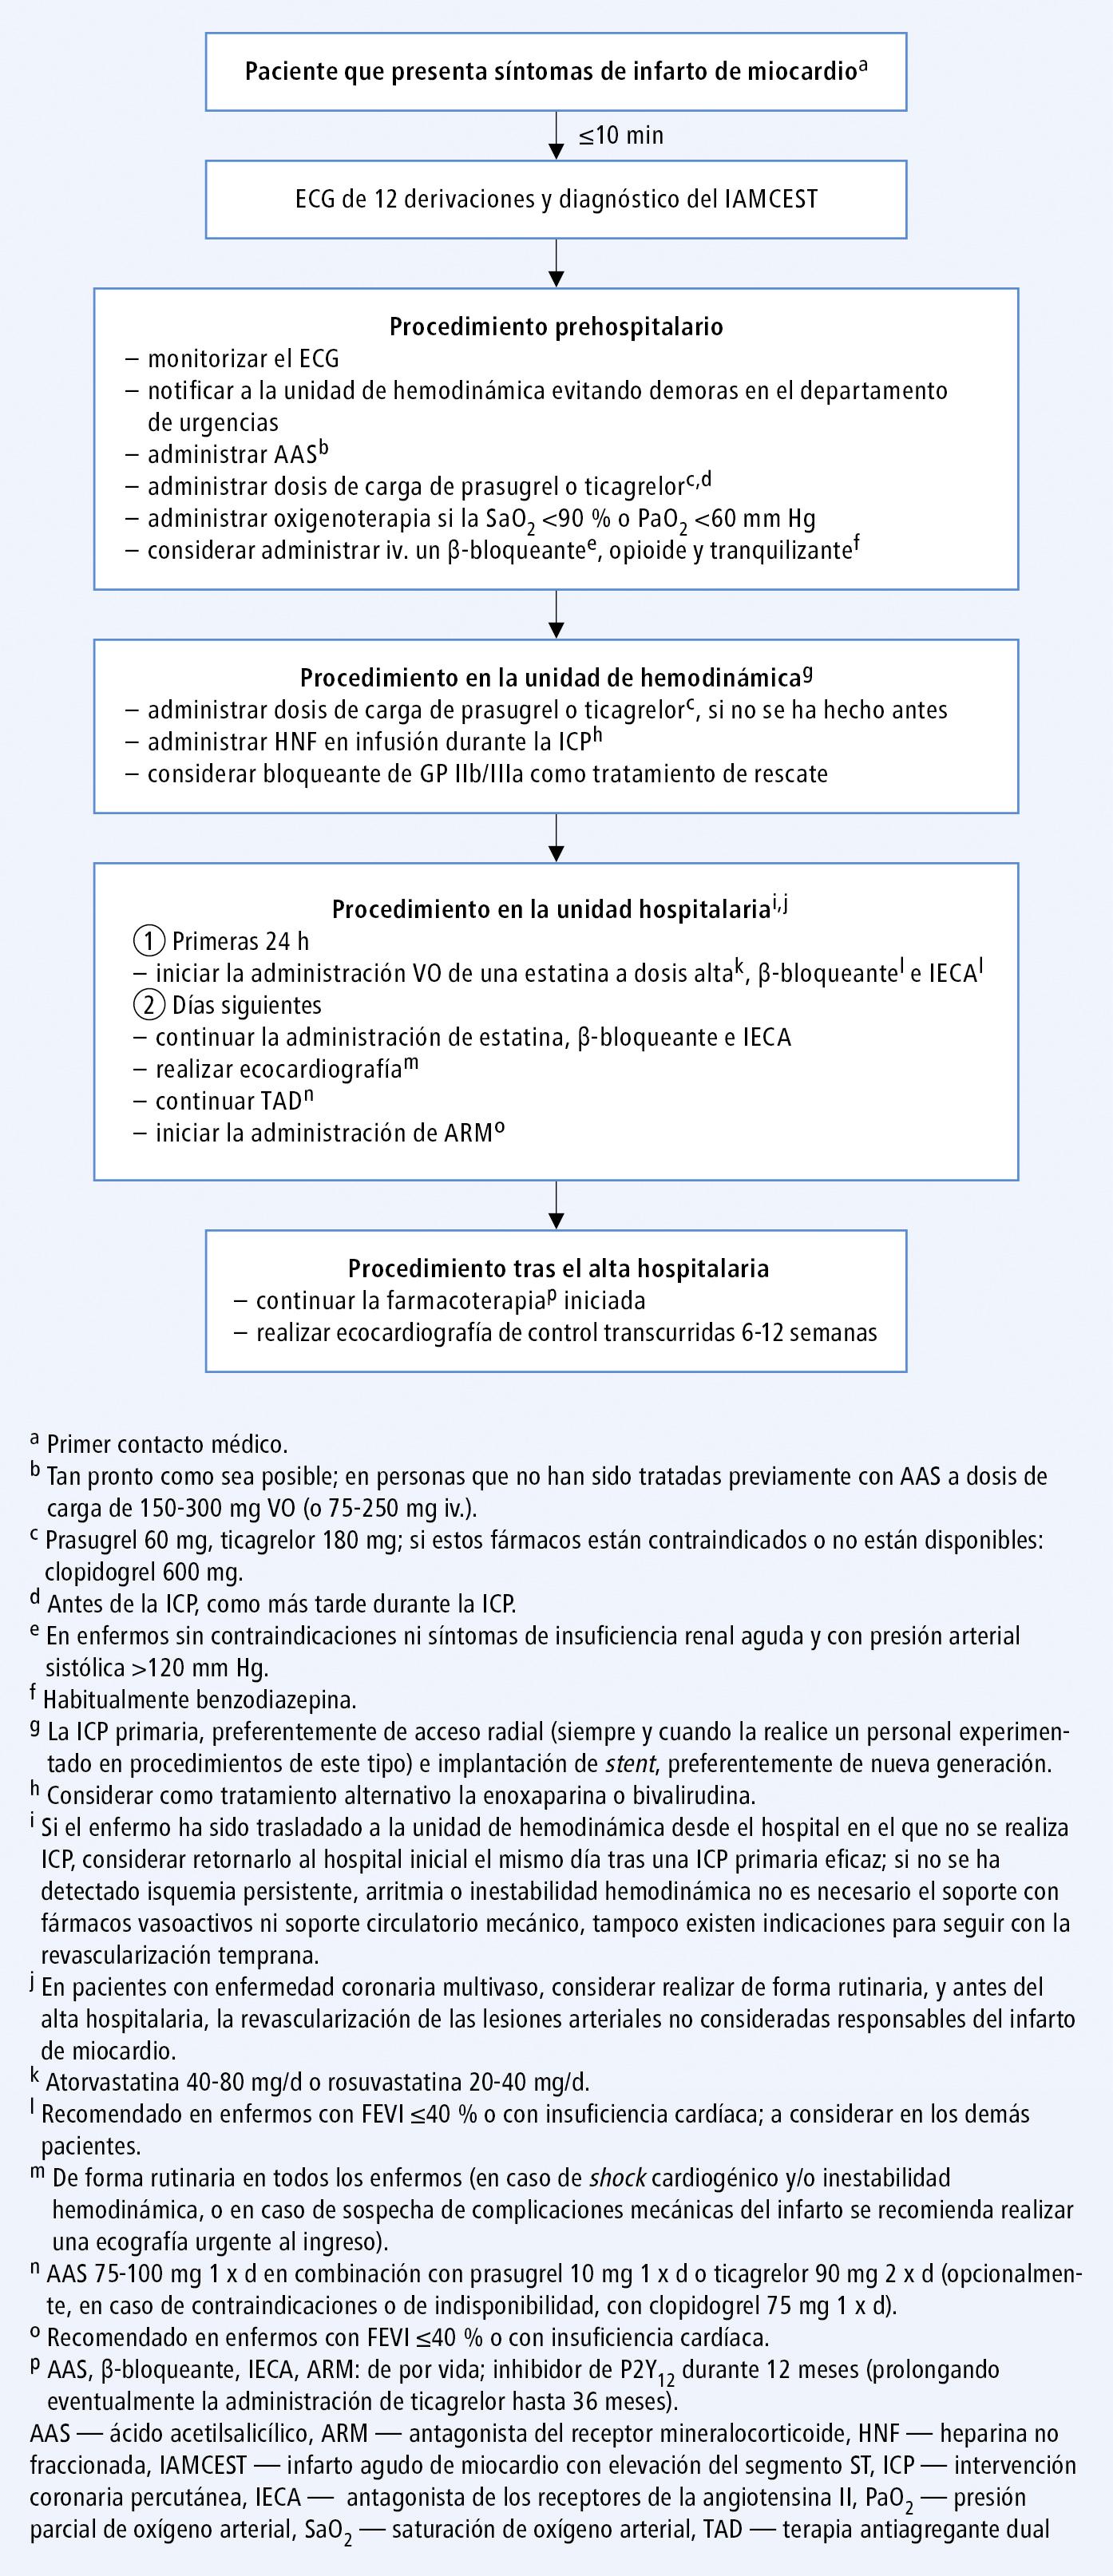 Procedimientos recomendadas en pacientes con IAMCEST sometidos a intervención coronaria percutánea (según las guías de la ESC 2017, modificado)